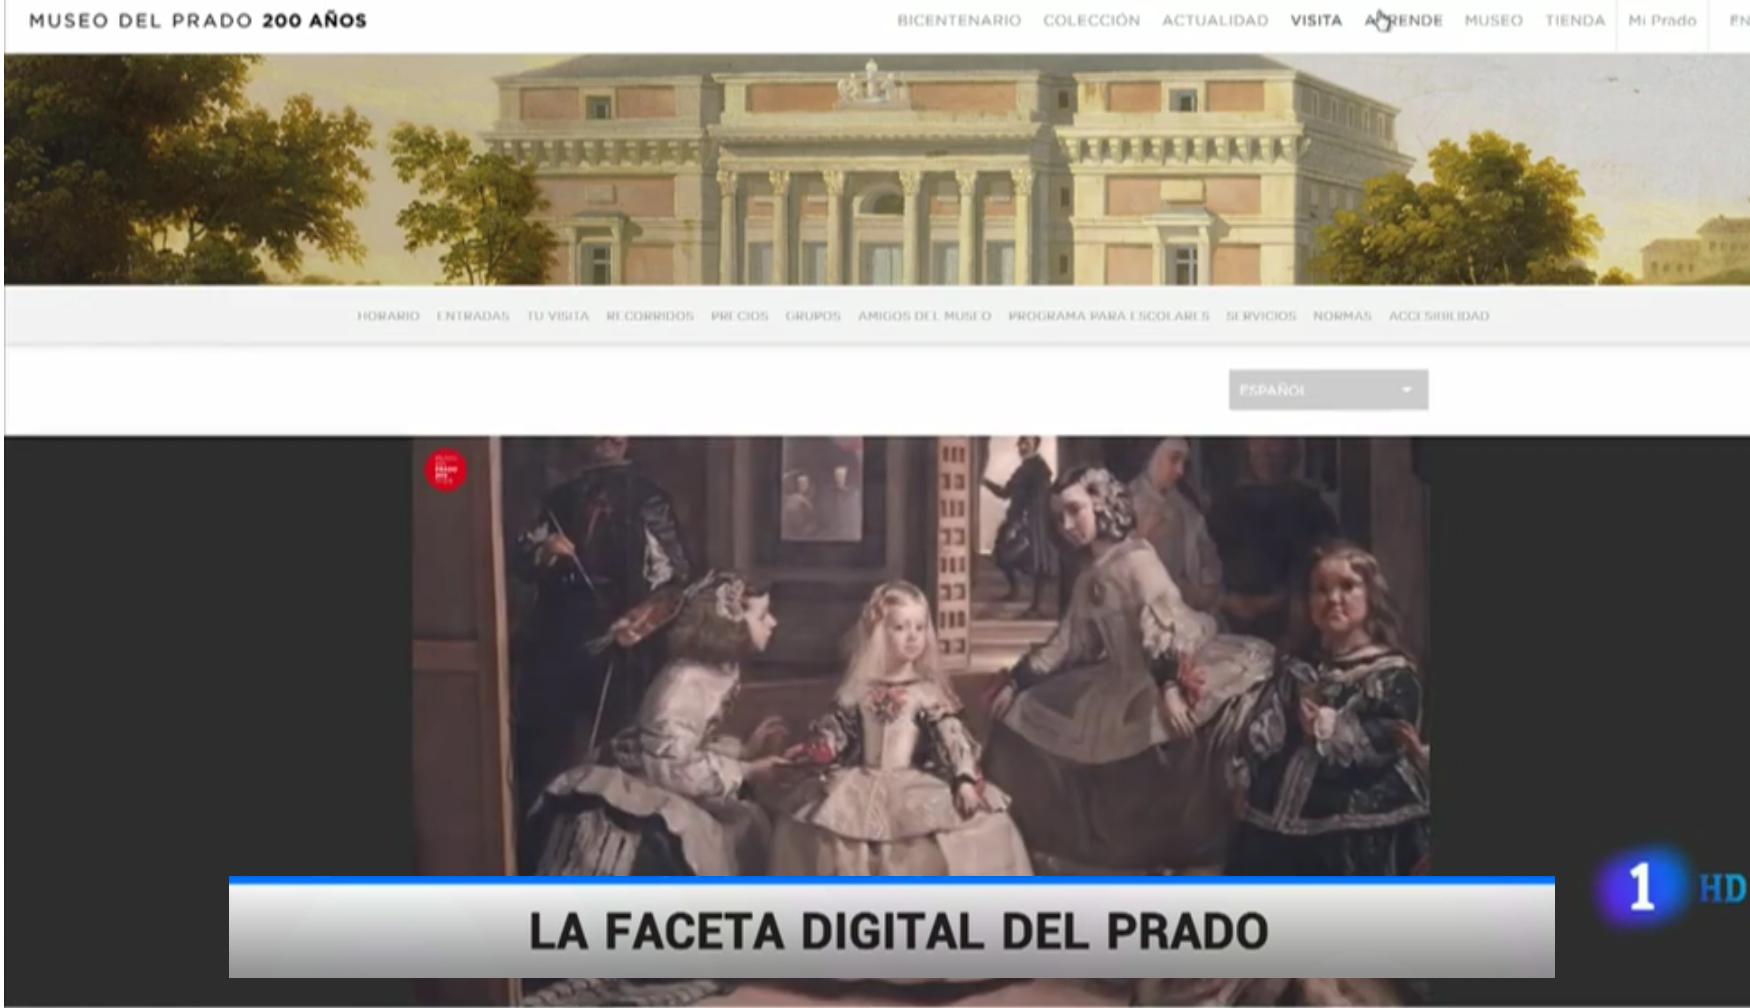 El Museo del Prado celebra sus 200 años de vida a la vanguardia de la innovación